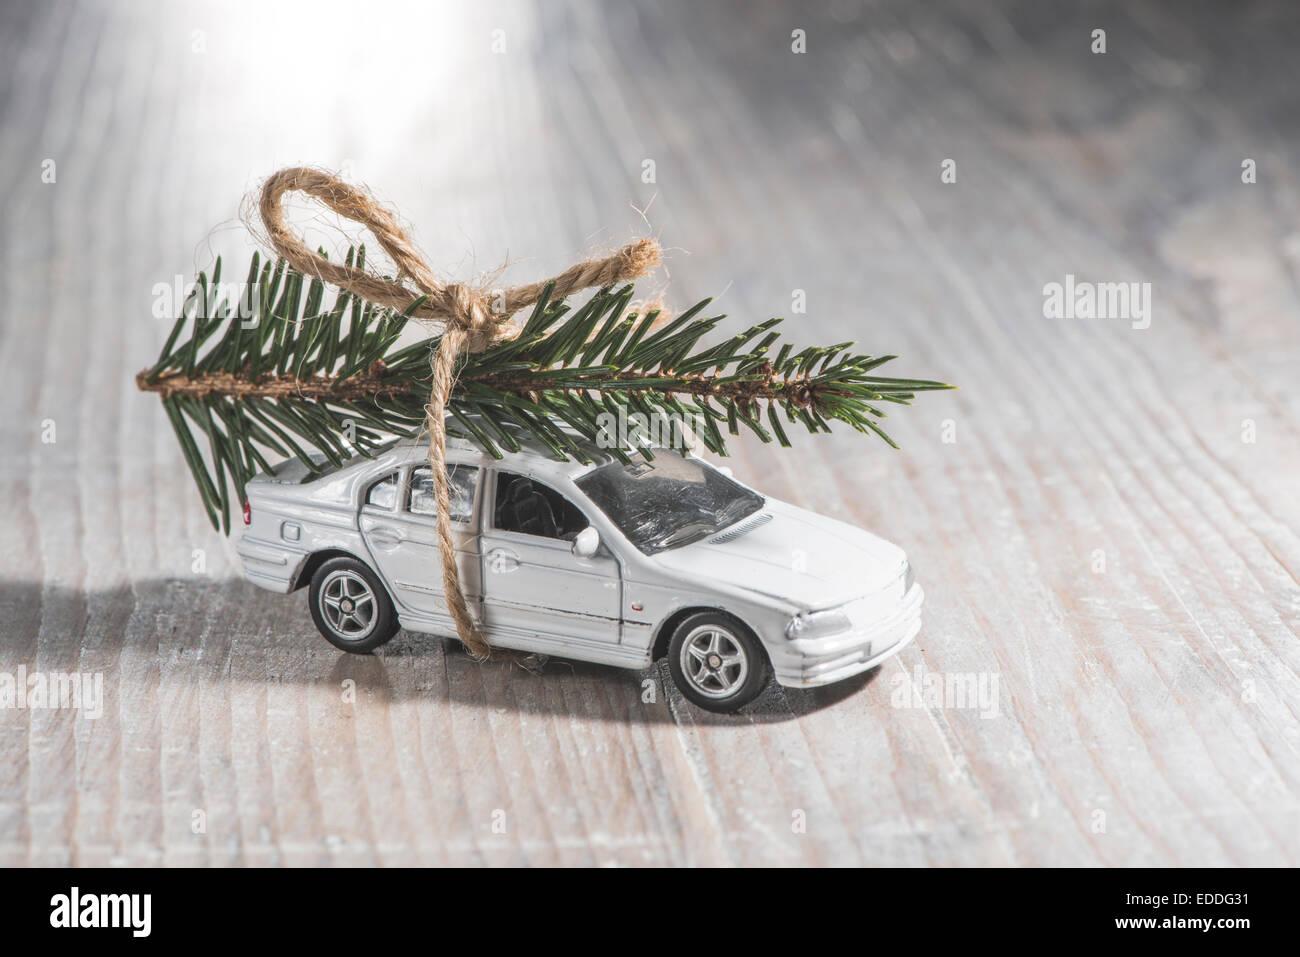 Jouet voiture blanche avec arbre de Noël sur le toit Photo Stock